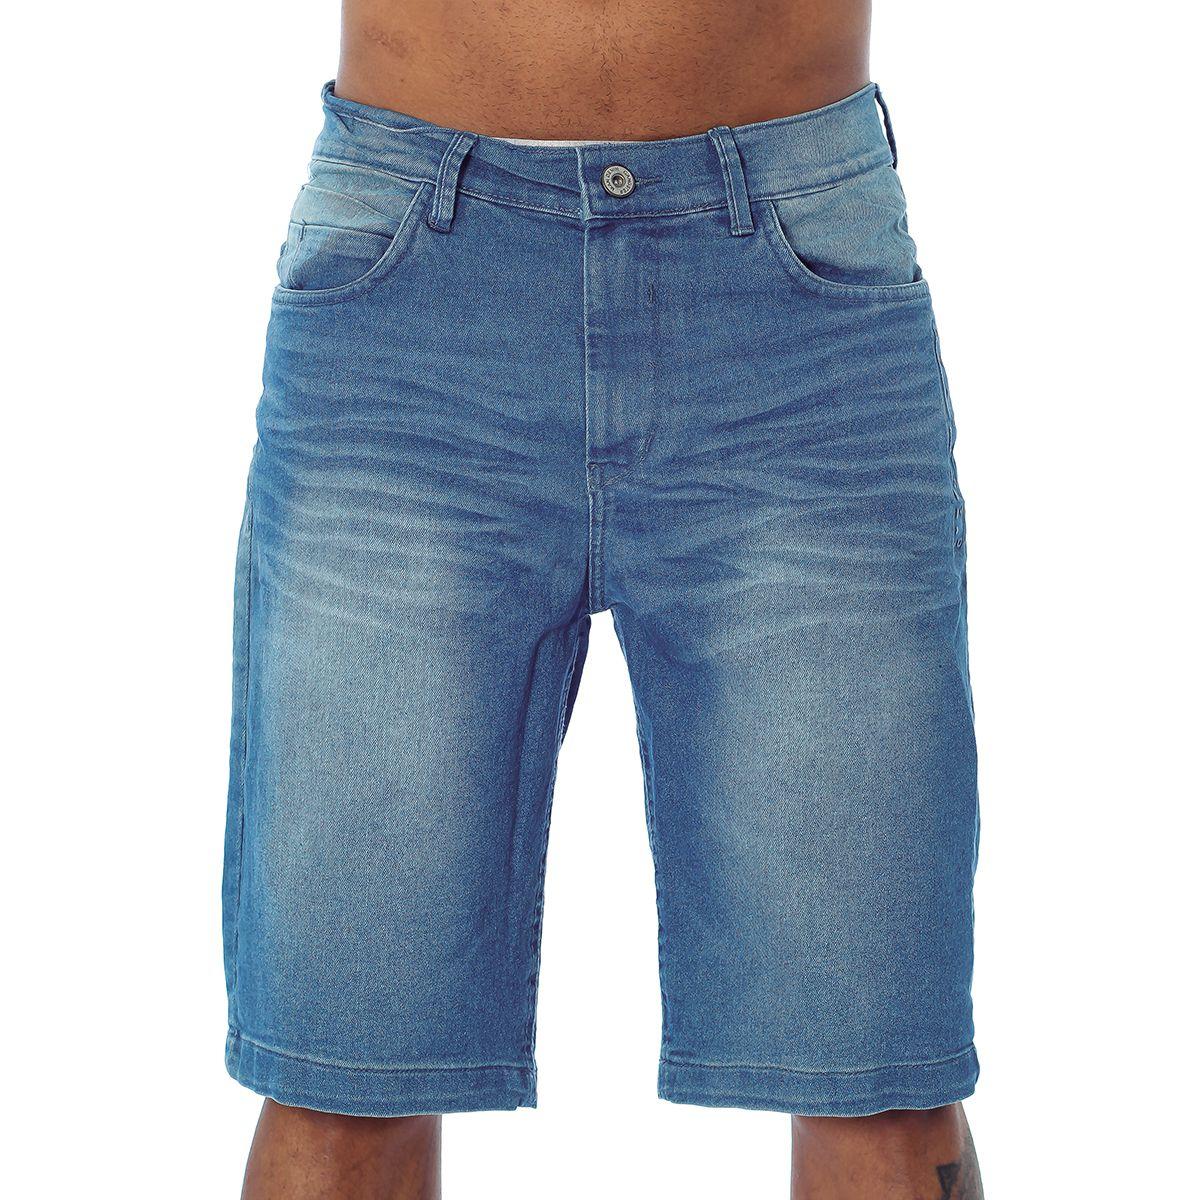 Bermuda Jeans Masculina Gangster 17.32.0004